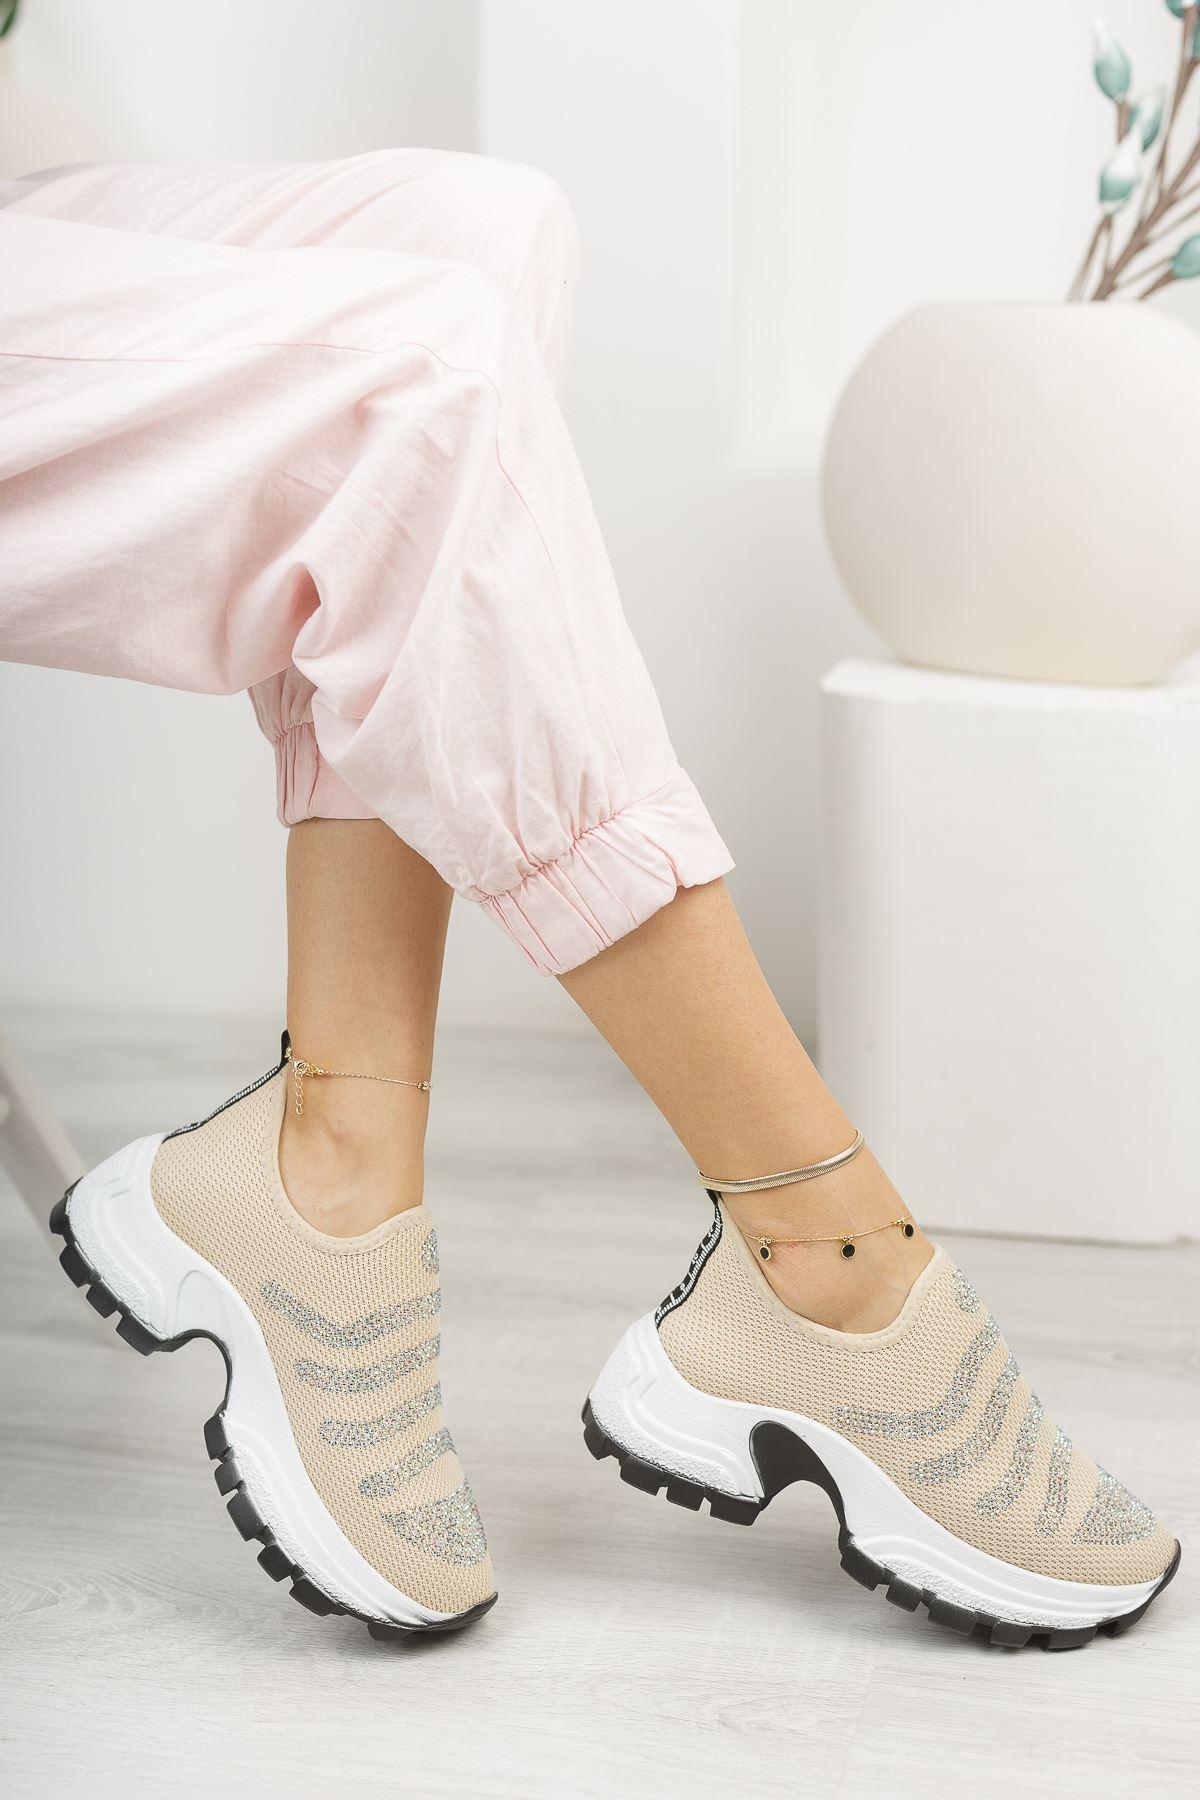 Bej Taşlı Bağcıksız Kalın Taban Spor Ayakkabı